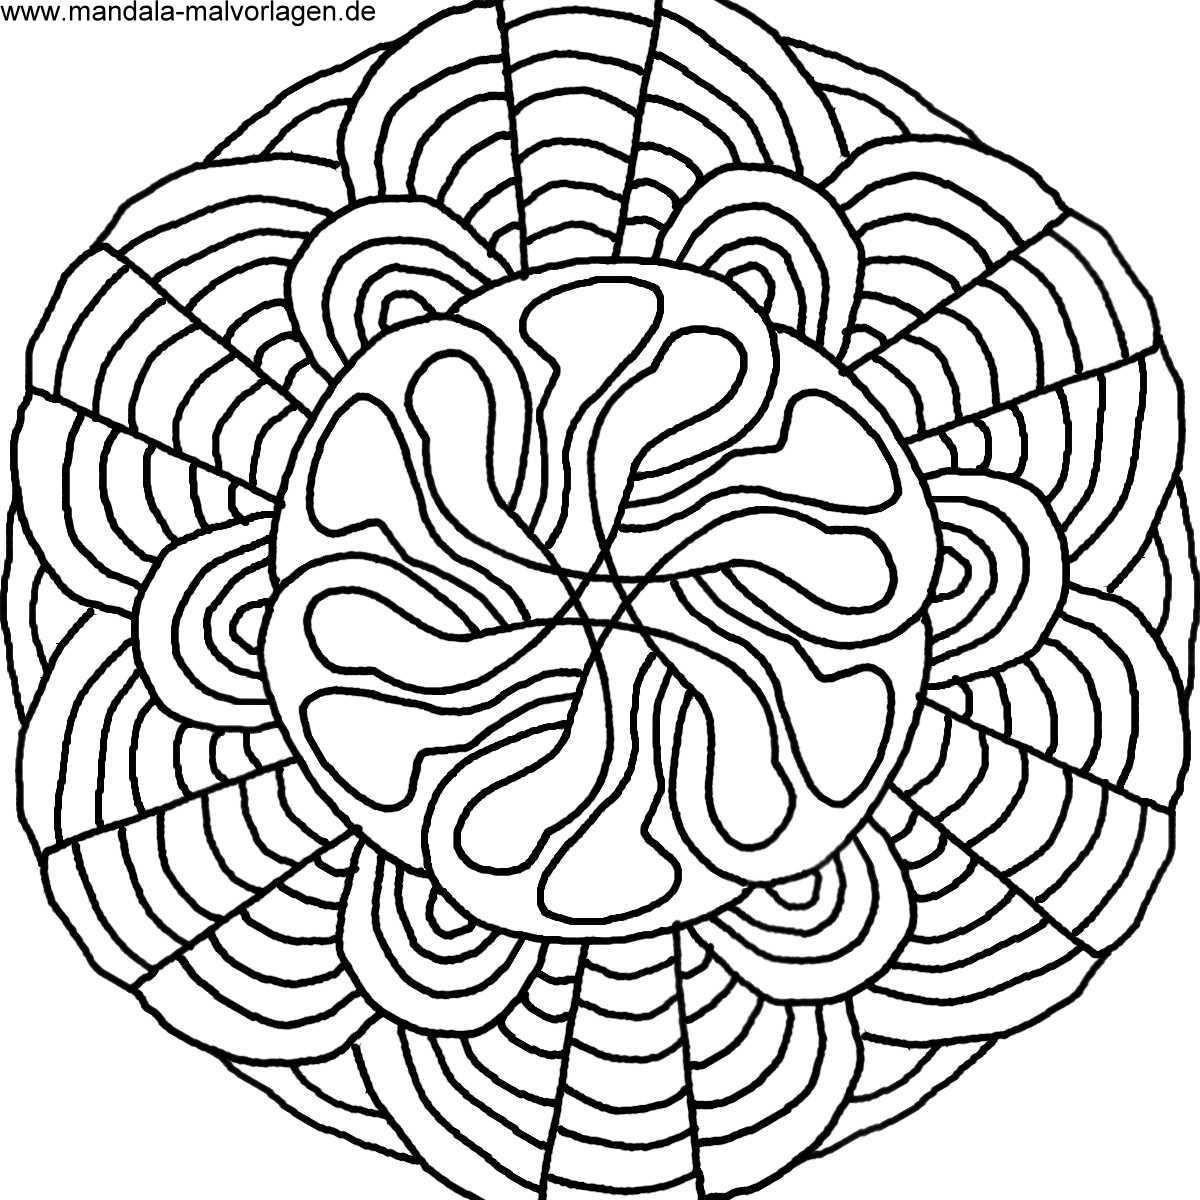 Anspruchsvolle Mandalas Zum Ausdrucken Das Beste Von Herz Malvorlagen Einfach Herz Mandalas Zum Ausdrucken – Malvorlagen Bilder